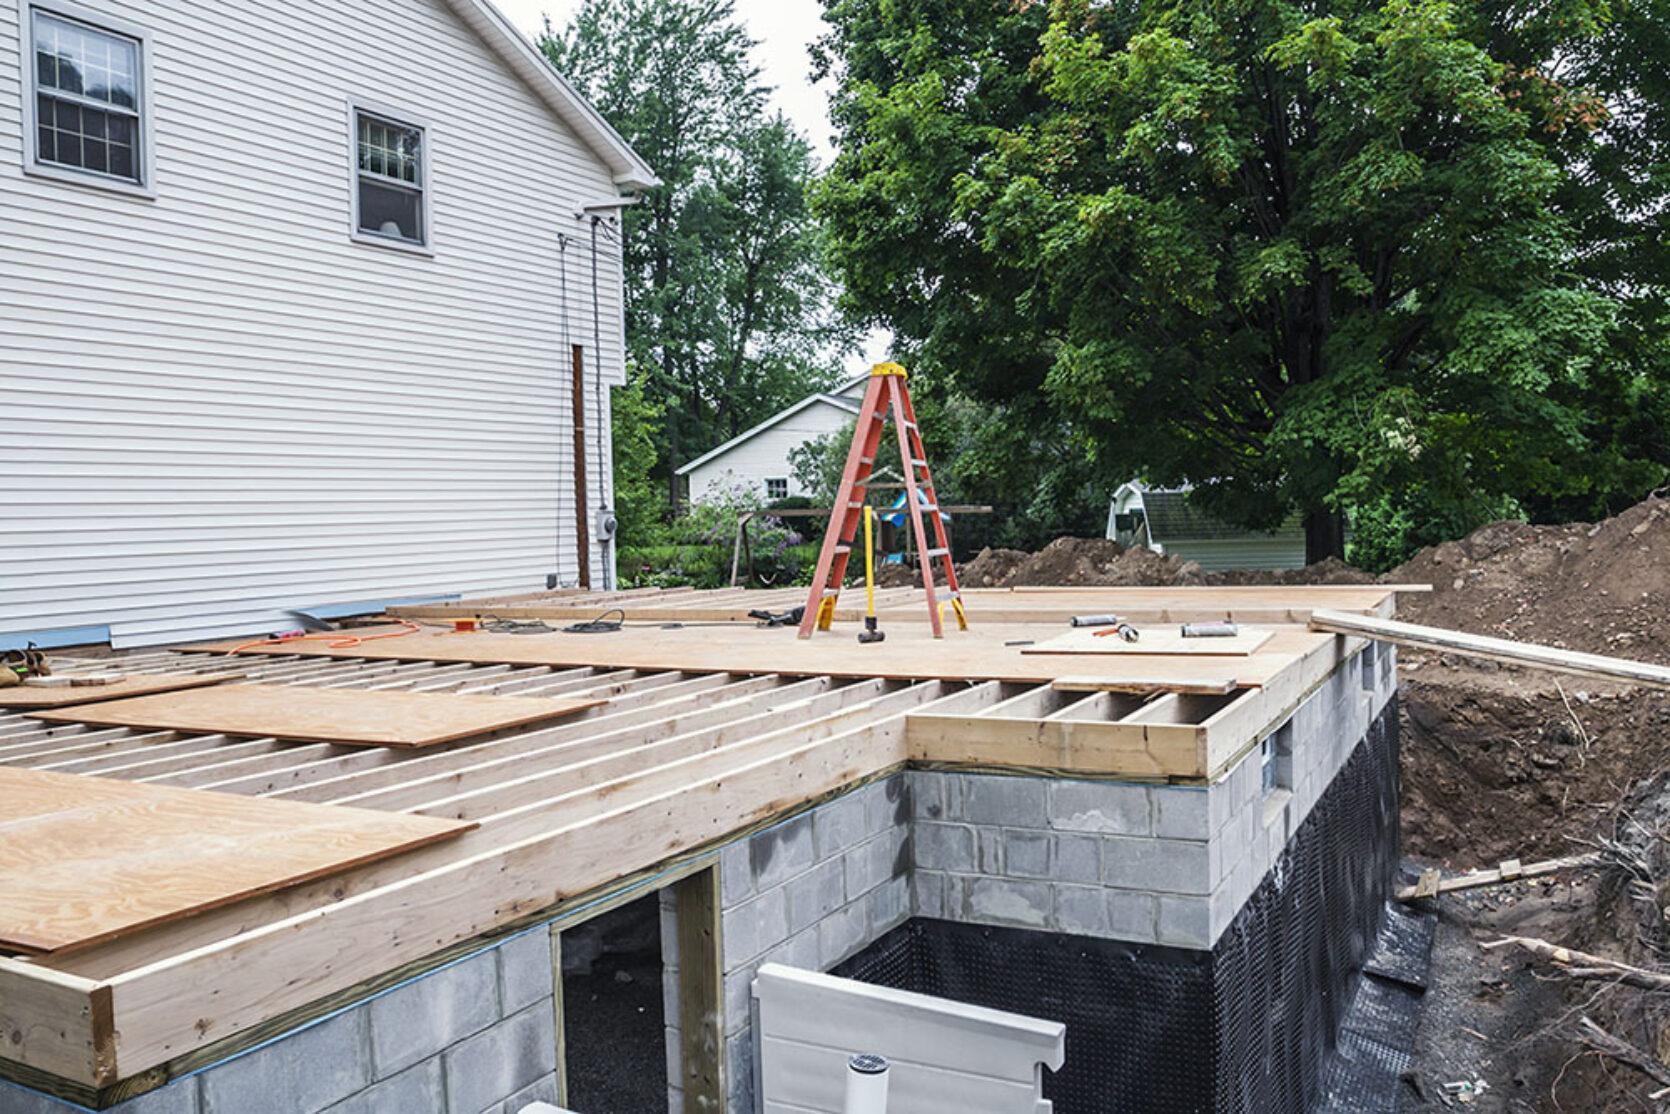 Byggeprosjekt på grunnmur og kjeller, drenering rundt boligen.